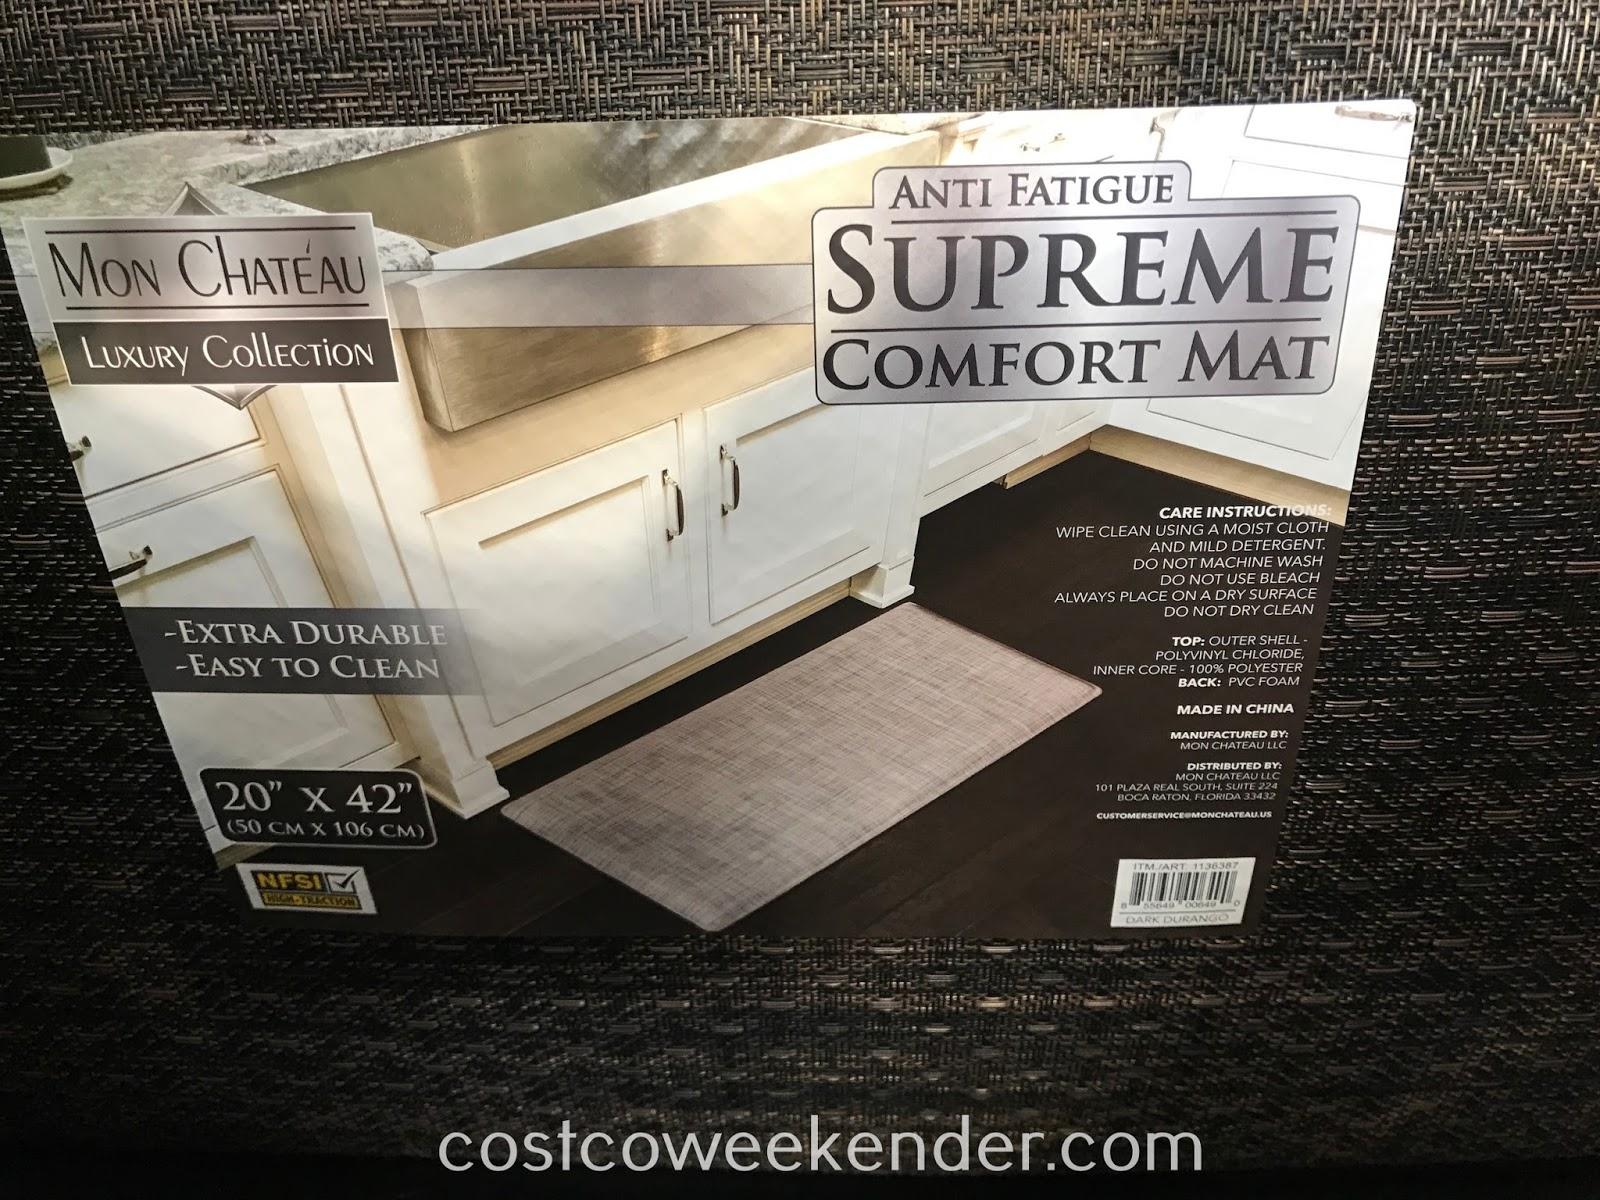 Mon Chateau Anti Fatigue Supreme Comfort Mat  Costco